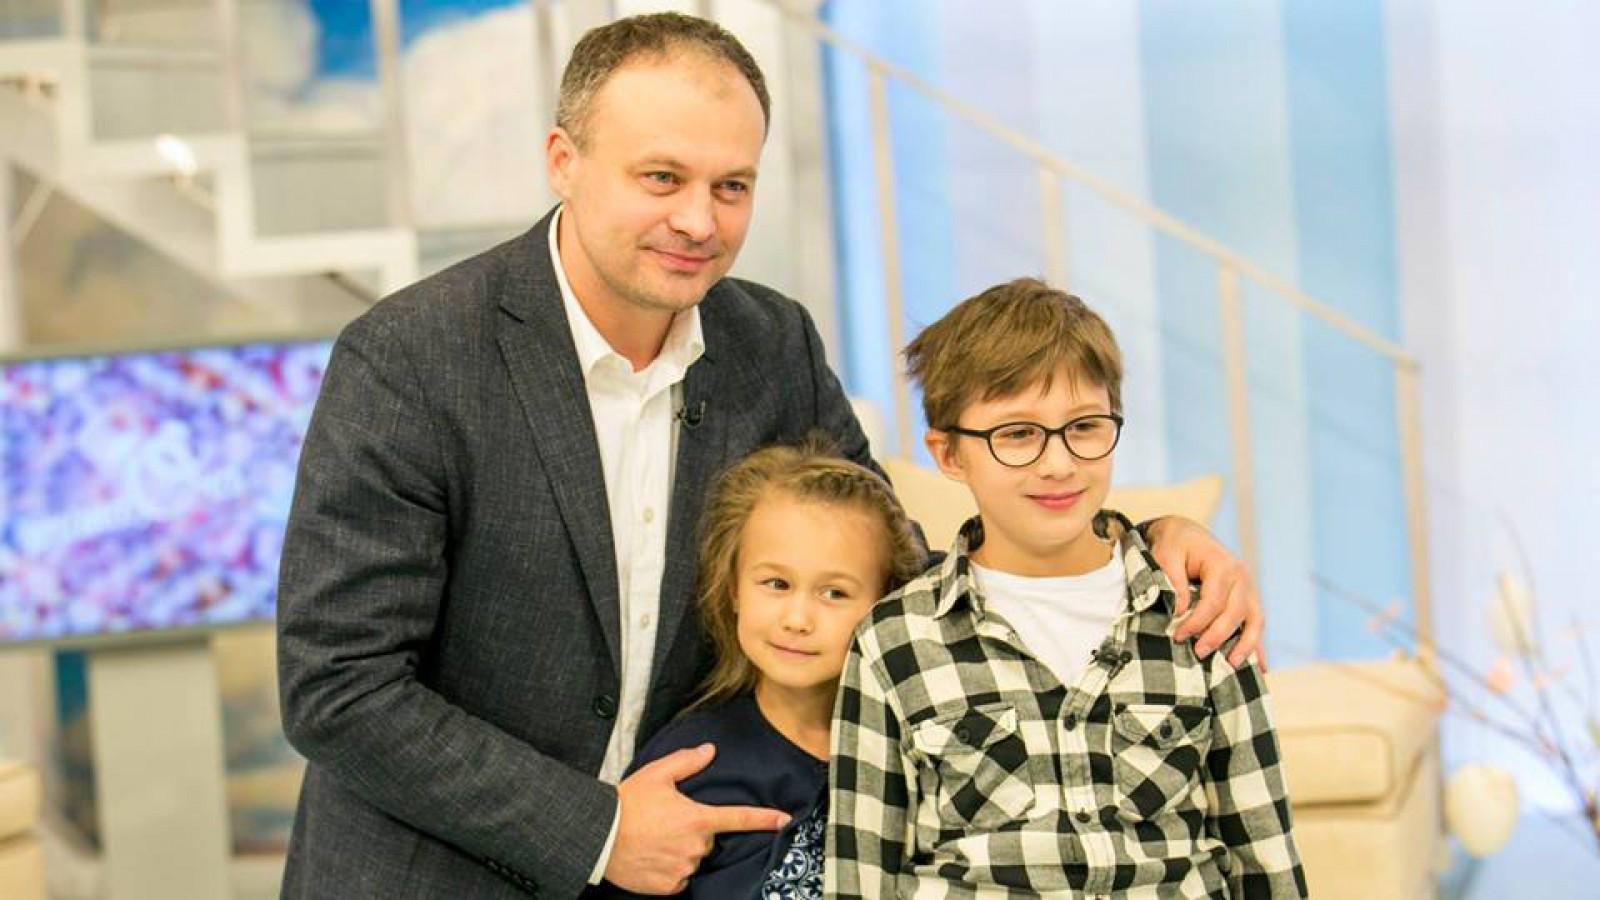 """(foto/video) Ce tradiții pascale respectă familia Candu: """"Suntem o familie mai internațională și avem și tradiții din Cehia"""""""